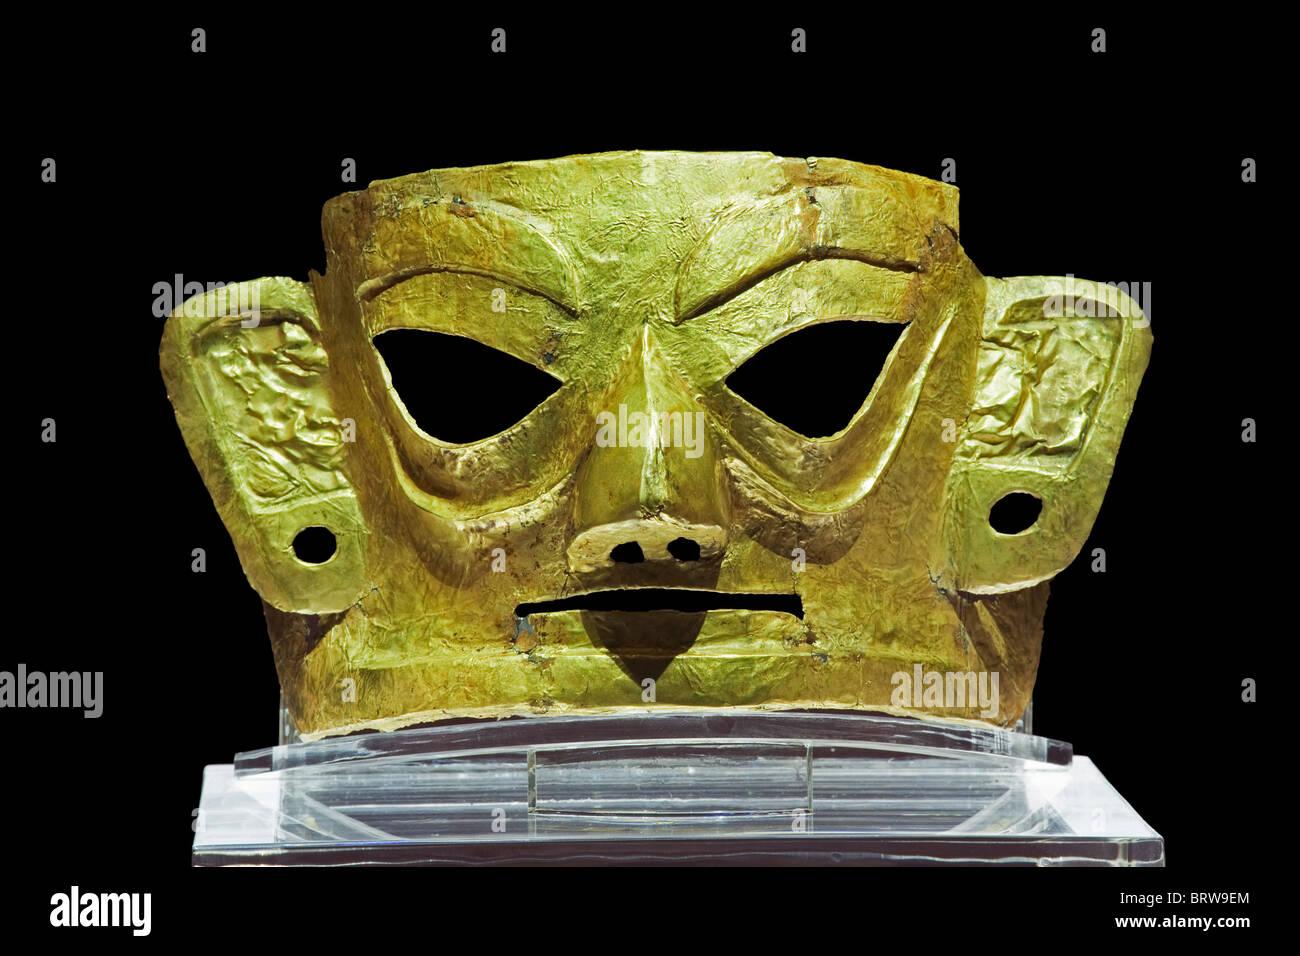 Una maschera d'oro trovato nel Jinsha sito di scavo a Chengdu Cina Immagini Stock